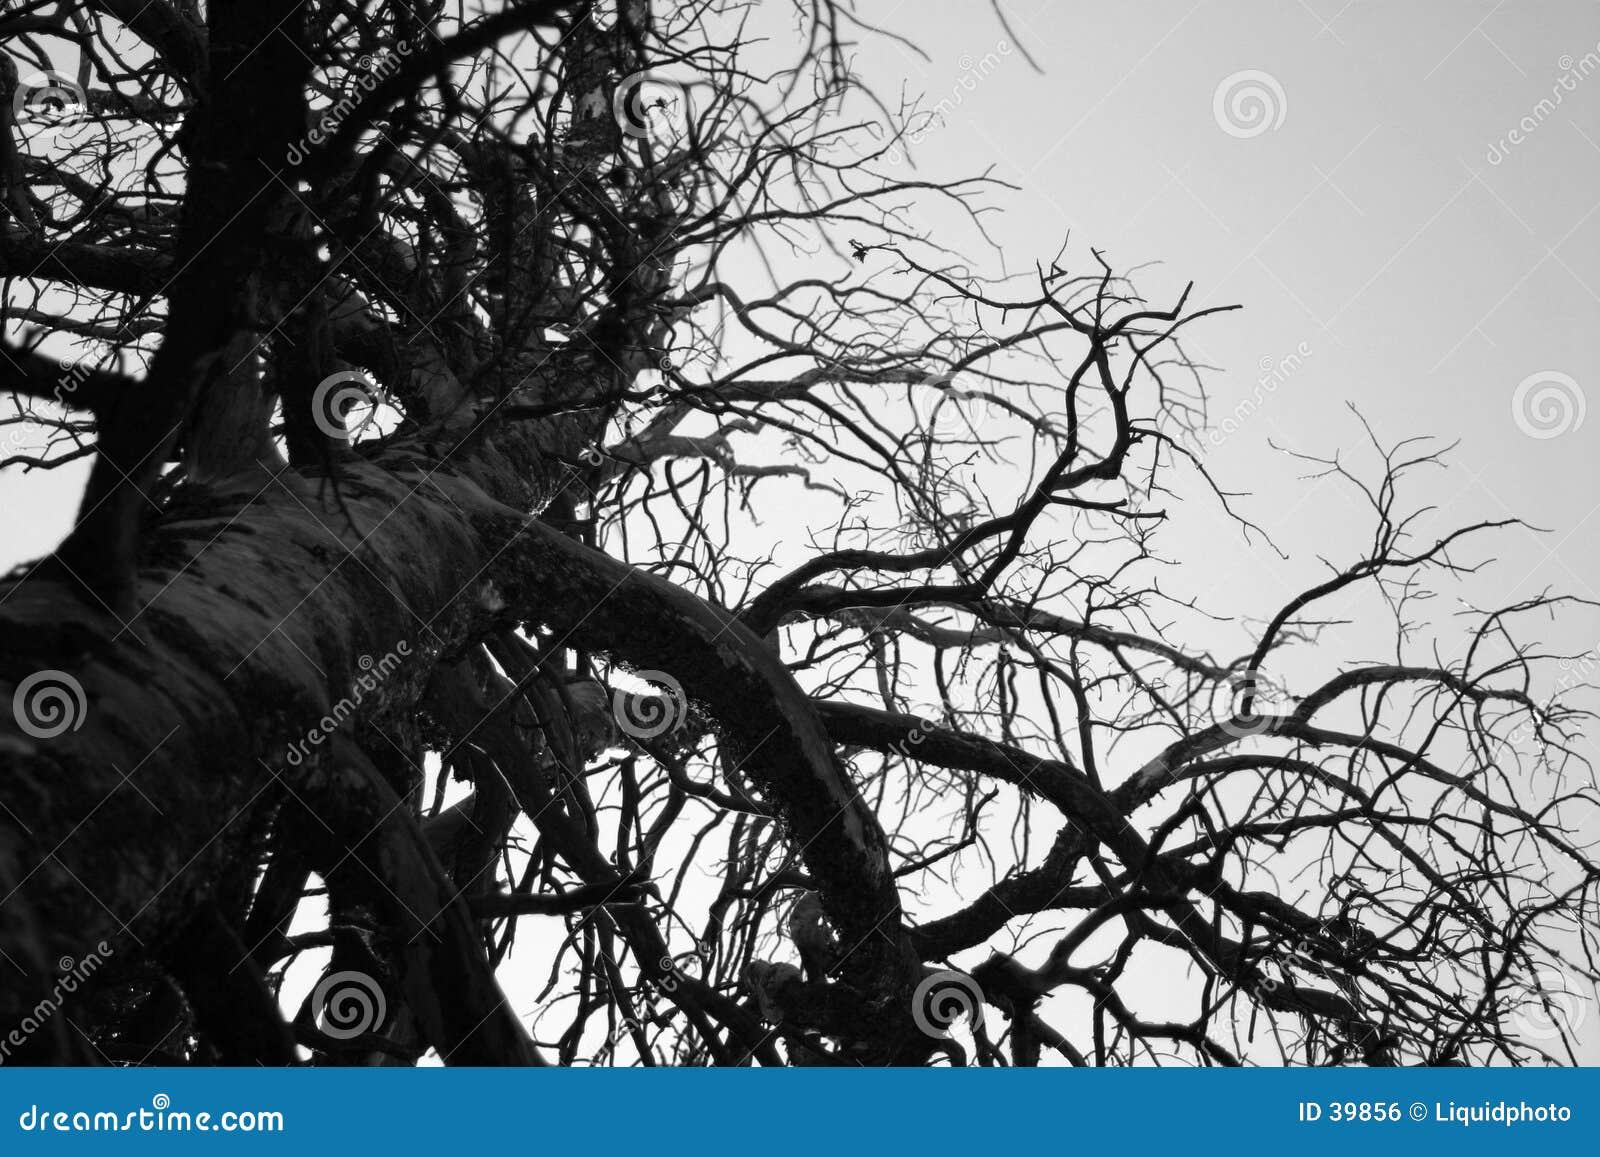 Riesiger steifer Baum in Schwarzweiss